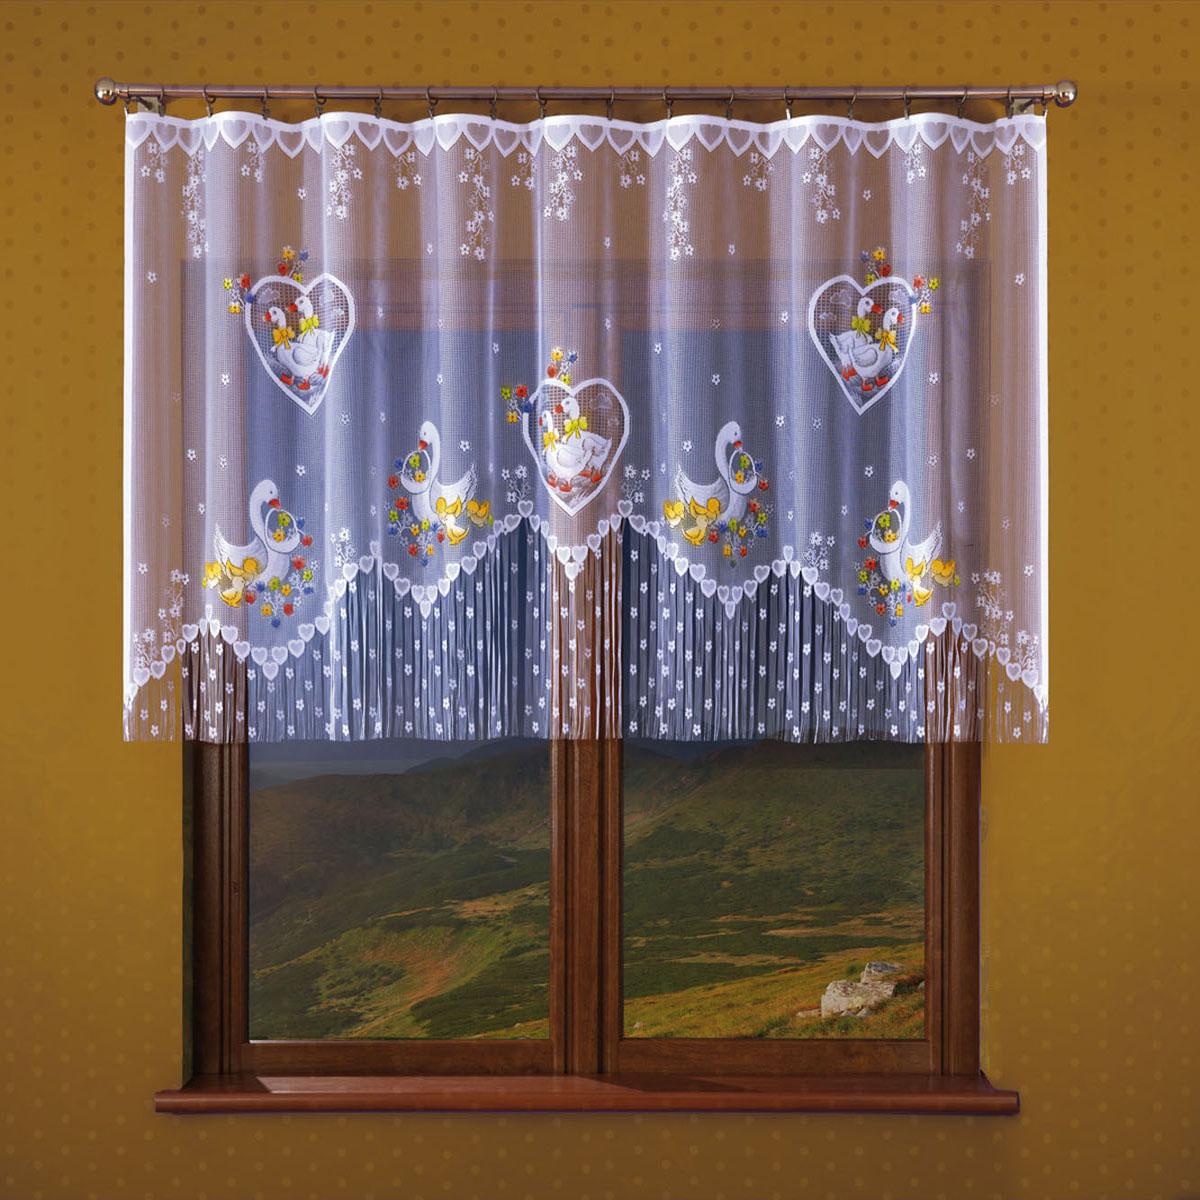 Гардина Wisan, цвет: белый, ширина 250 см, высота 120 см. 179Е9671вид крепления - под зажимы для шторРазмеры: ширина 250*высота 120